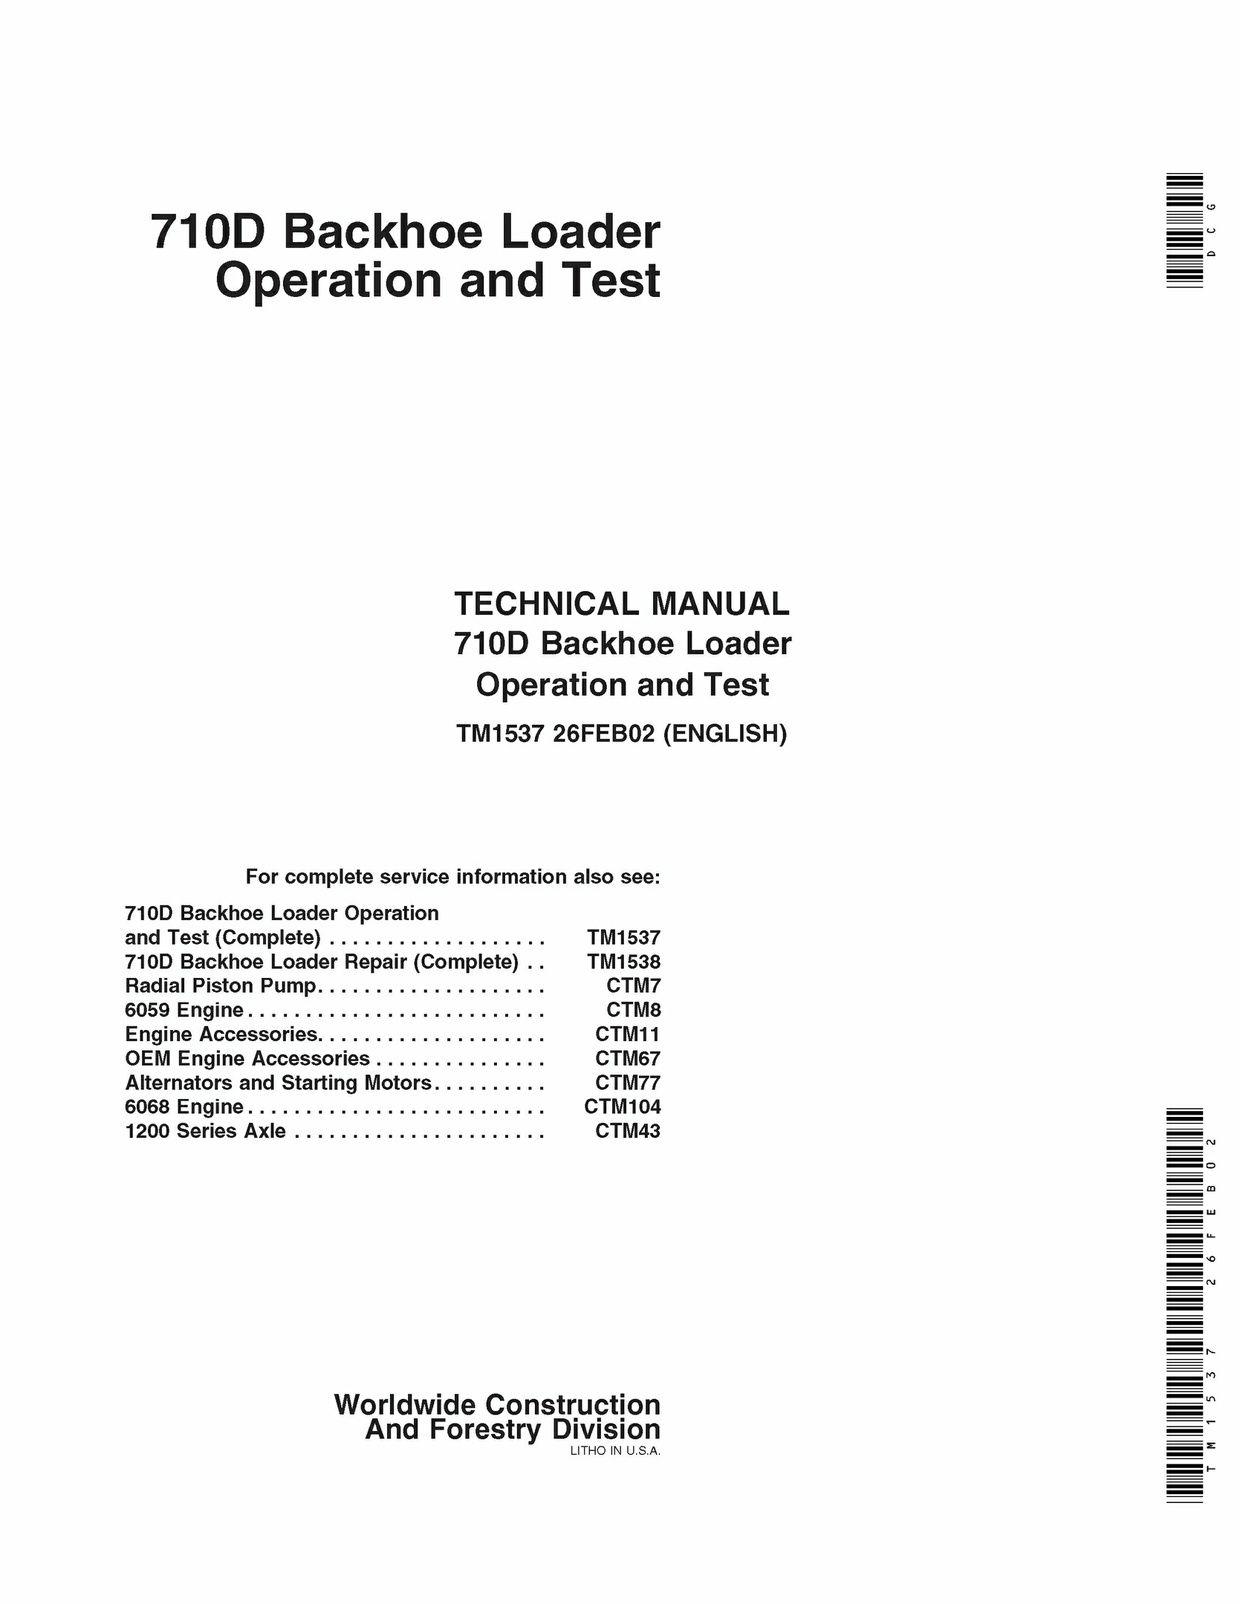 Download John Deere 710D Backhoe Loader Operation and Test Manual TM1537  Backhoe Loader, Repair Manuals